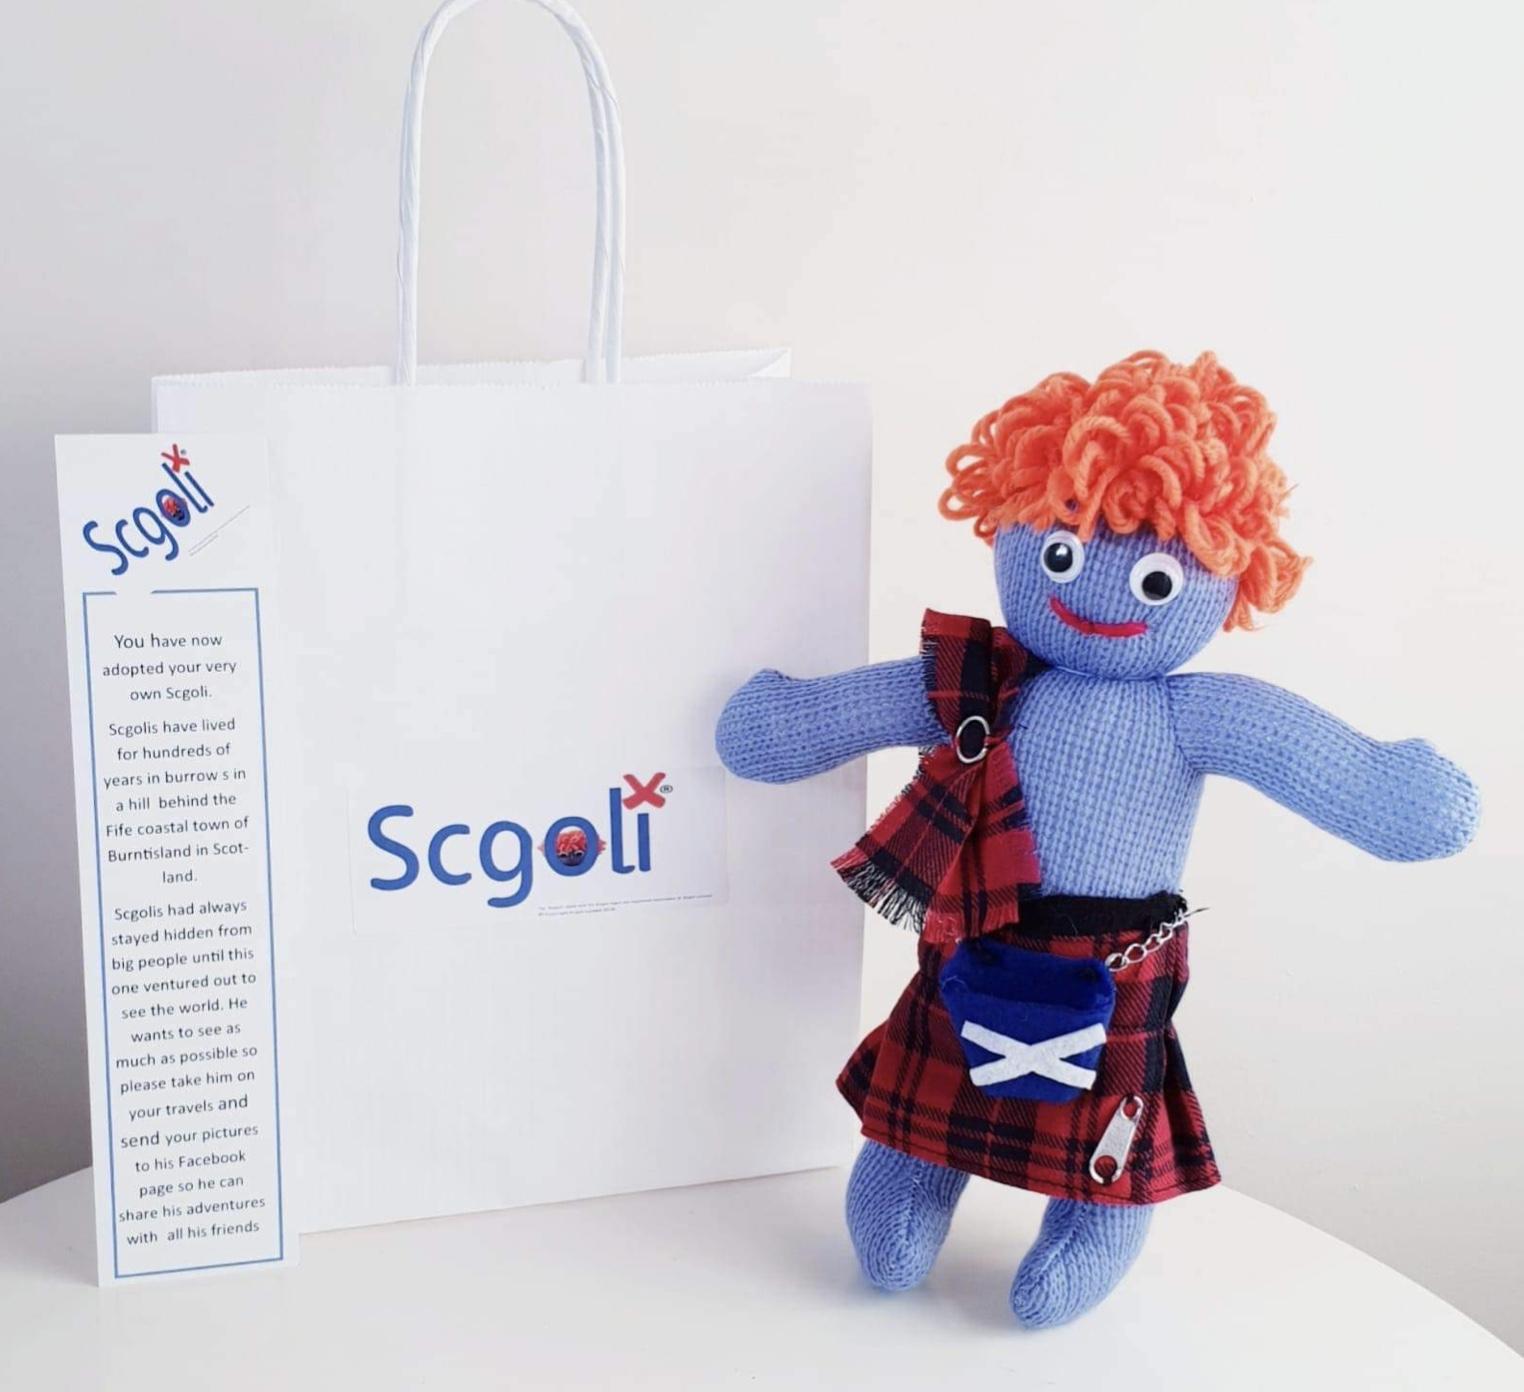 Scgoli